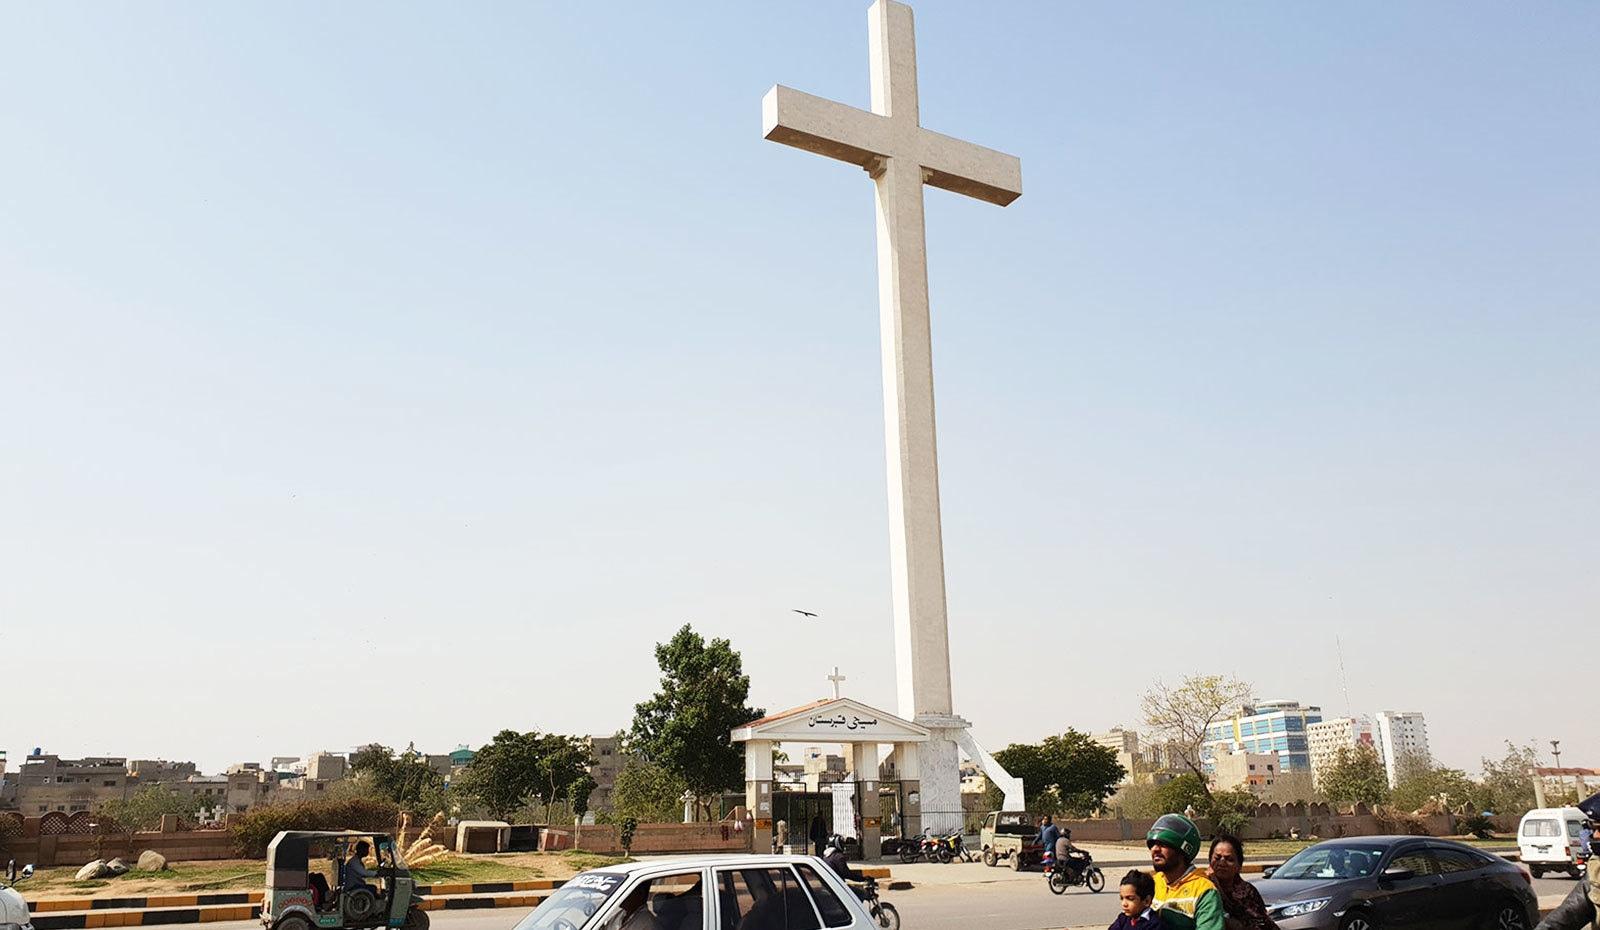 کنکریٹ سے بنا جنوبی ایشیا کا سب سے بڑا مسیحی صلیب—تصاویر: وقار محمد خان